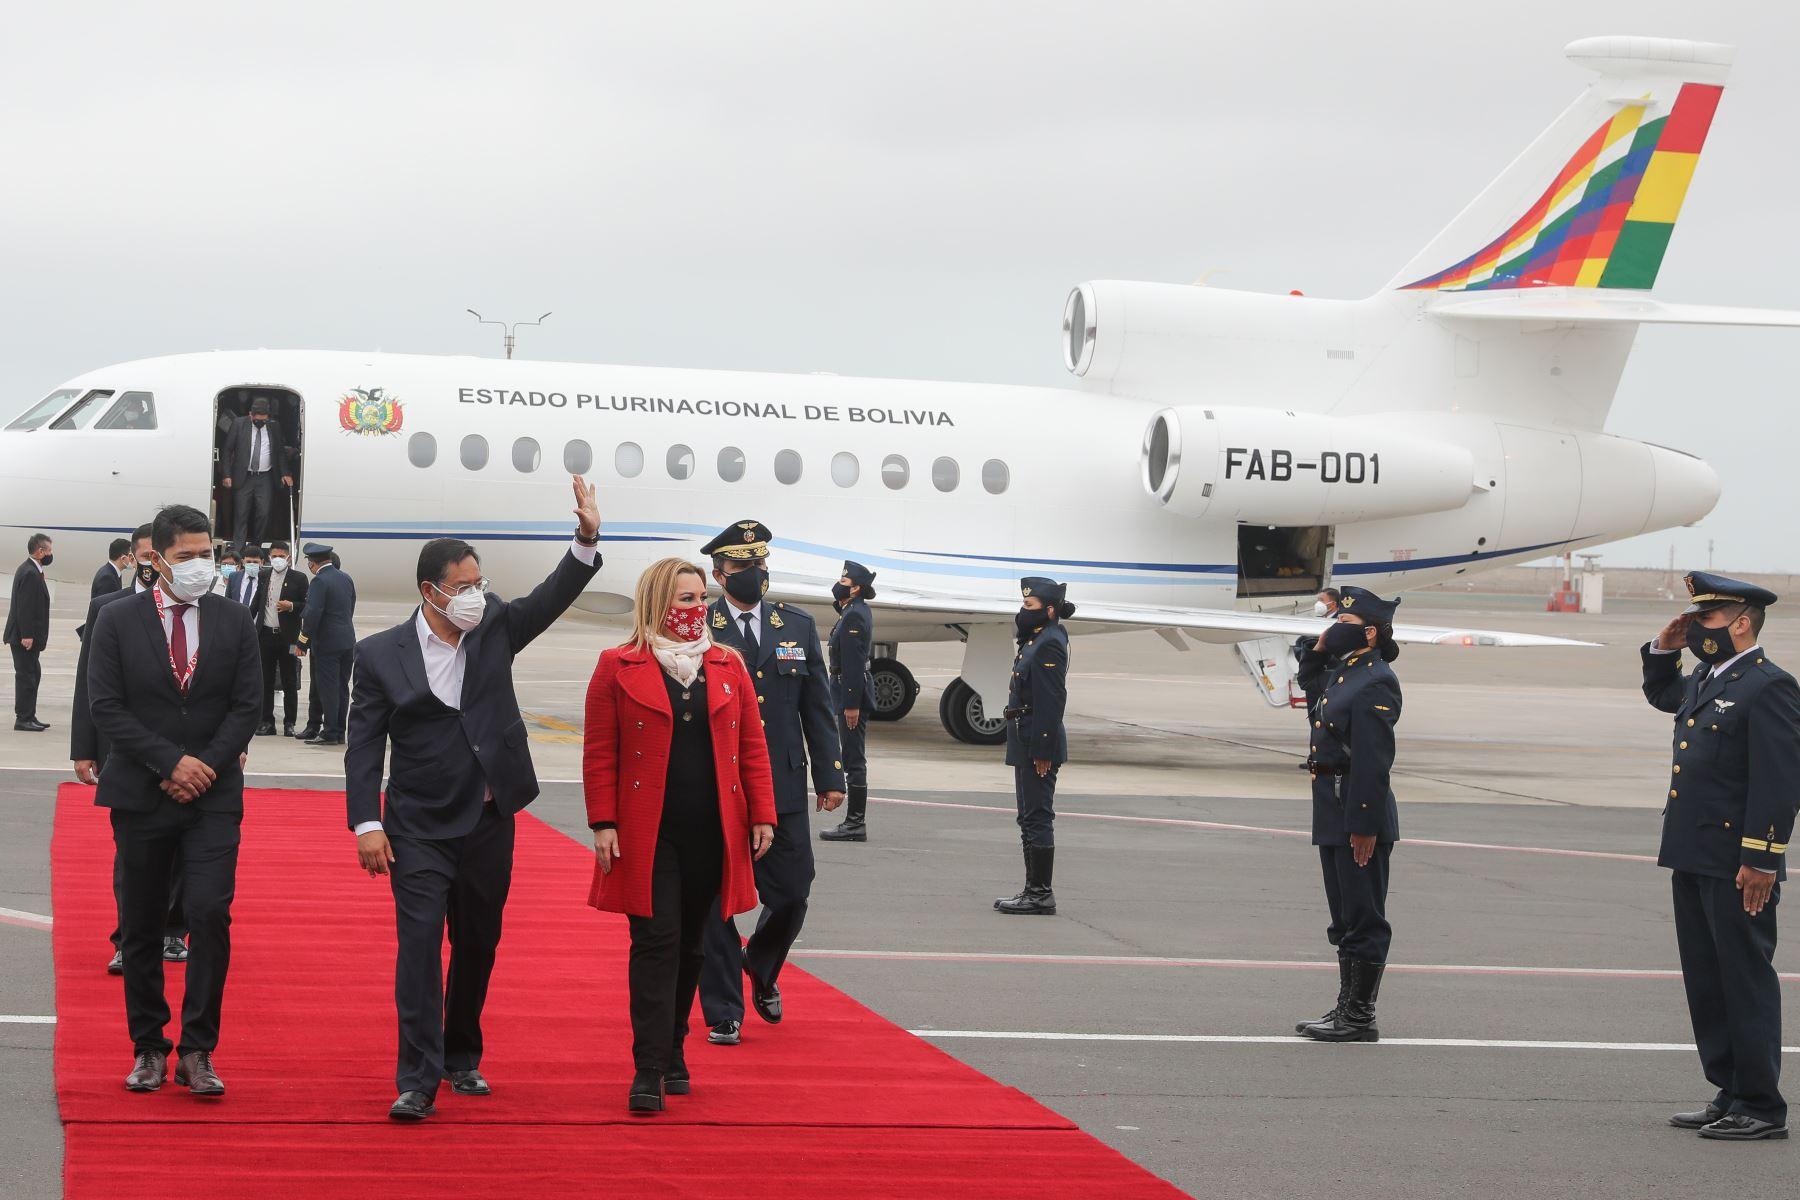 El presidente de Bolivia, Luis Arce, arriba al Grupo Aéreo Nº 8 para estar presente en la toma de posesión del presidente electo, Pedro Castillo. Delegación fue recibida por la presidenta ejecutiva de EsSalud, Fiorella Molinelli.  Foto: ANDINA/Andrés Valle